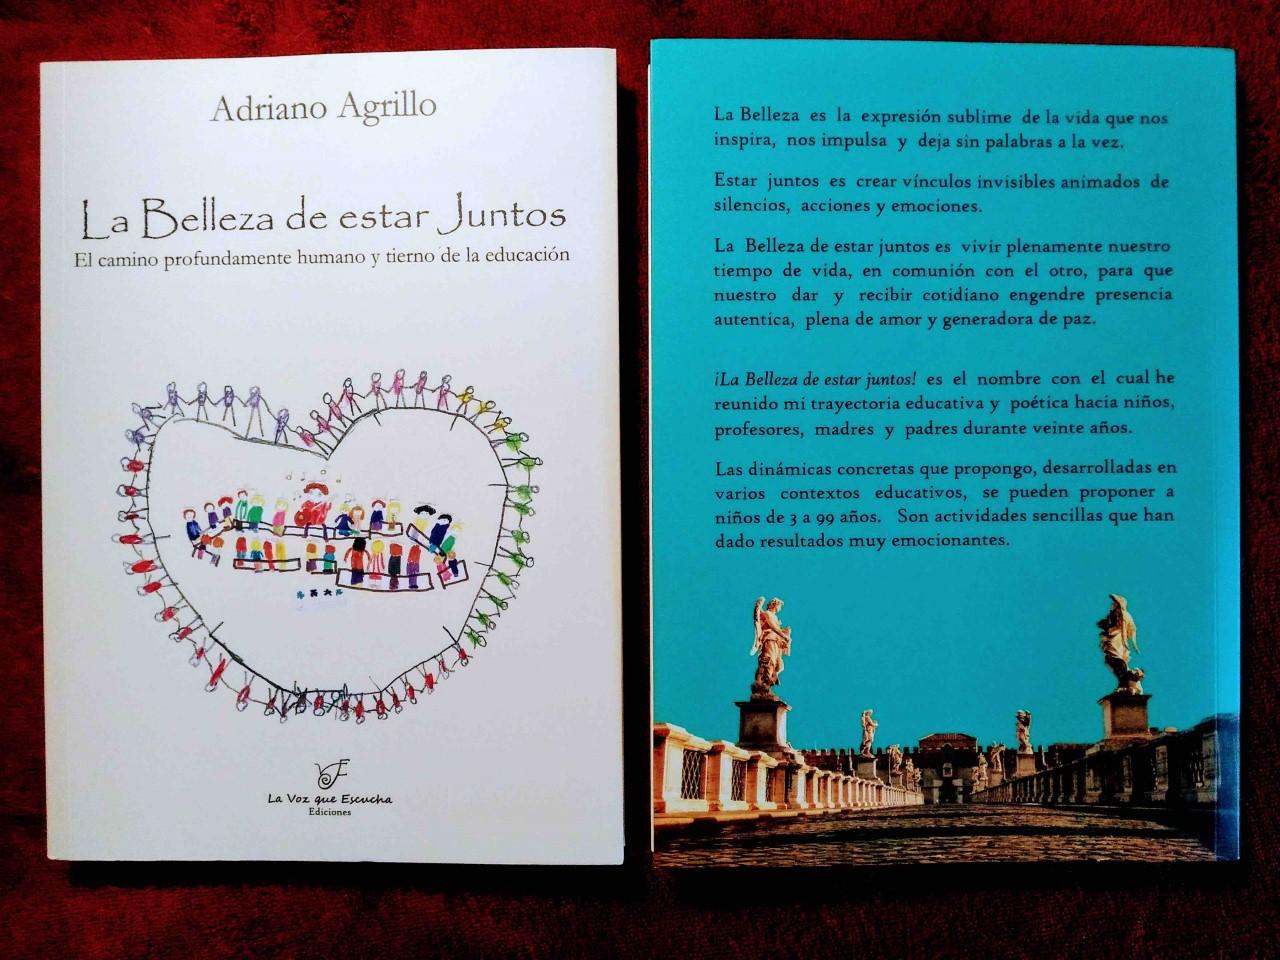 PRESENTACION DEL LIBRO LA BELLEZA DE ESTAR JUNTOS DE ADRIANO AGRILLO